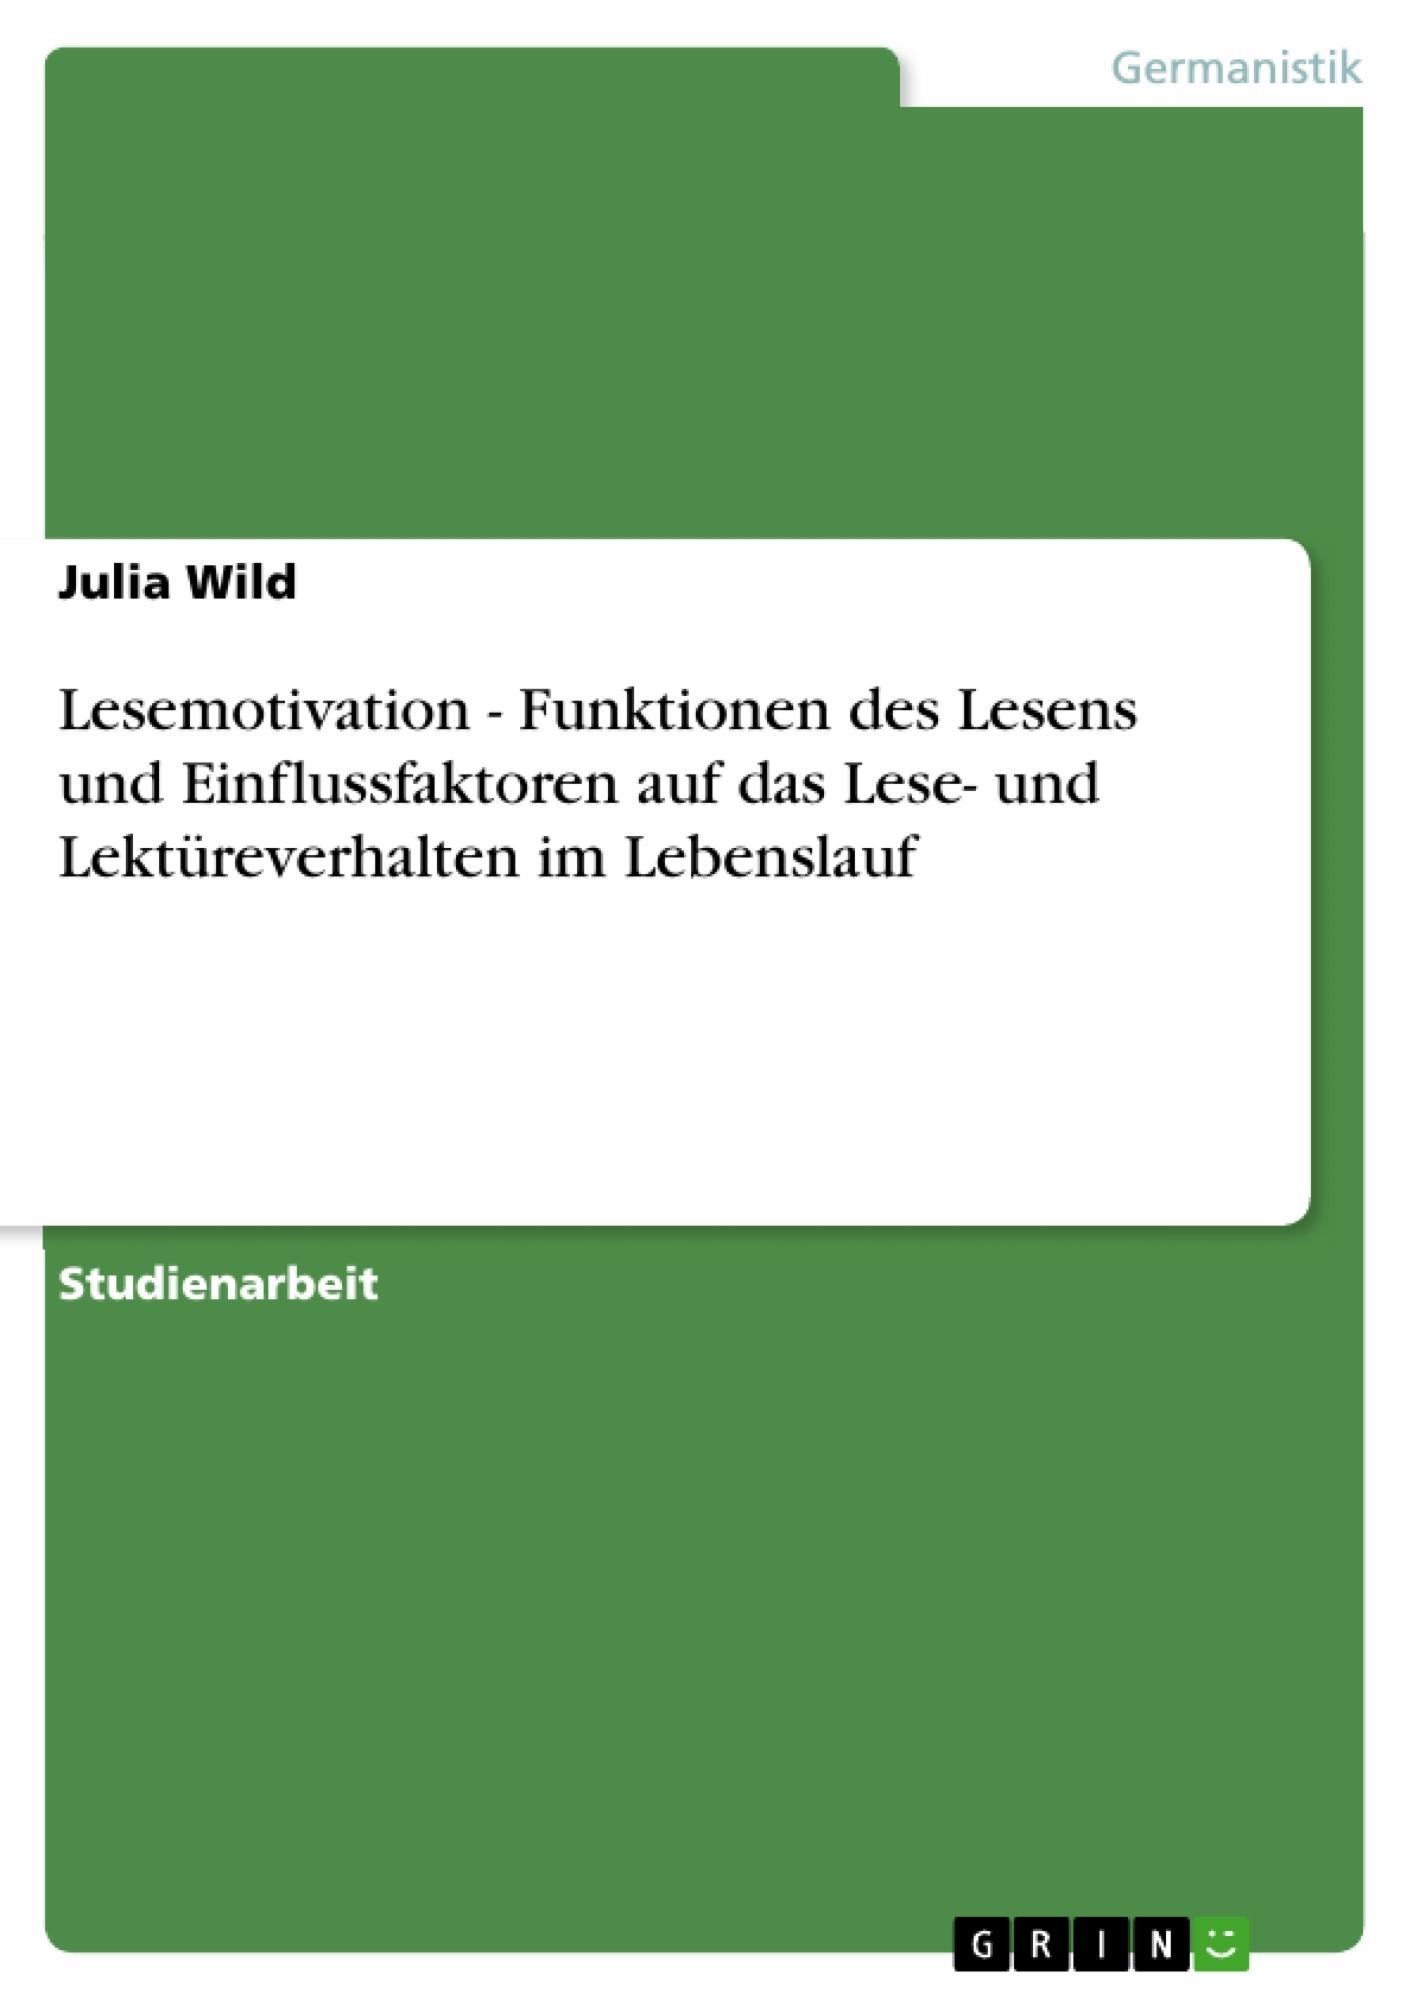 Titel: Lesemotivation - Funktionen des Lesens und Einflussfaktoren auf das Lese- und Lektüreverhalten im Lebenslauf